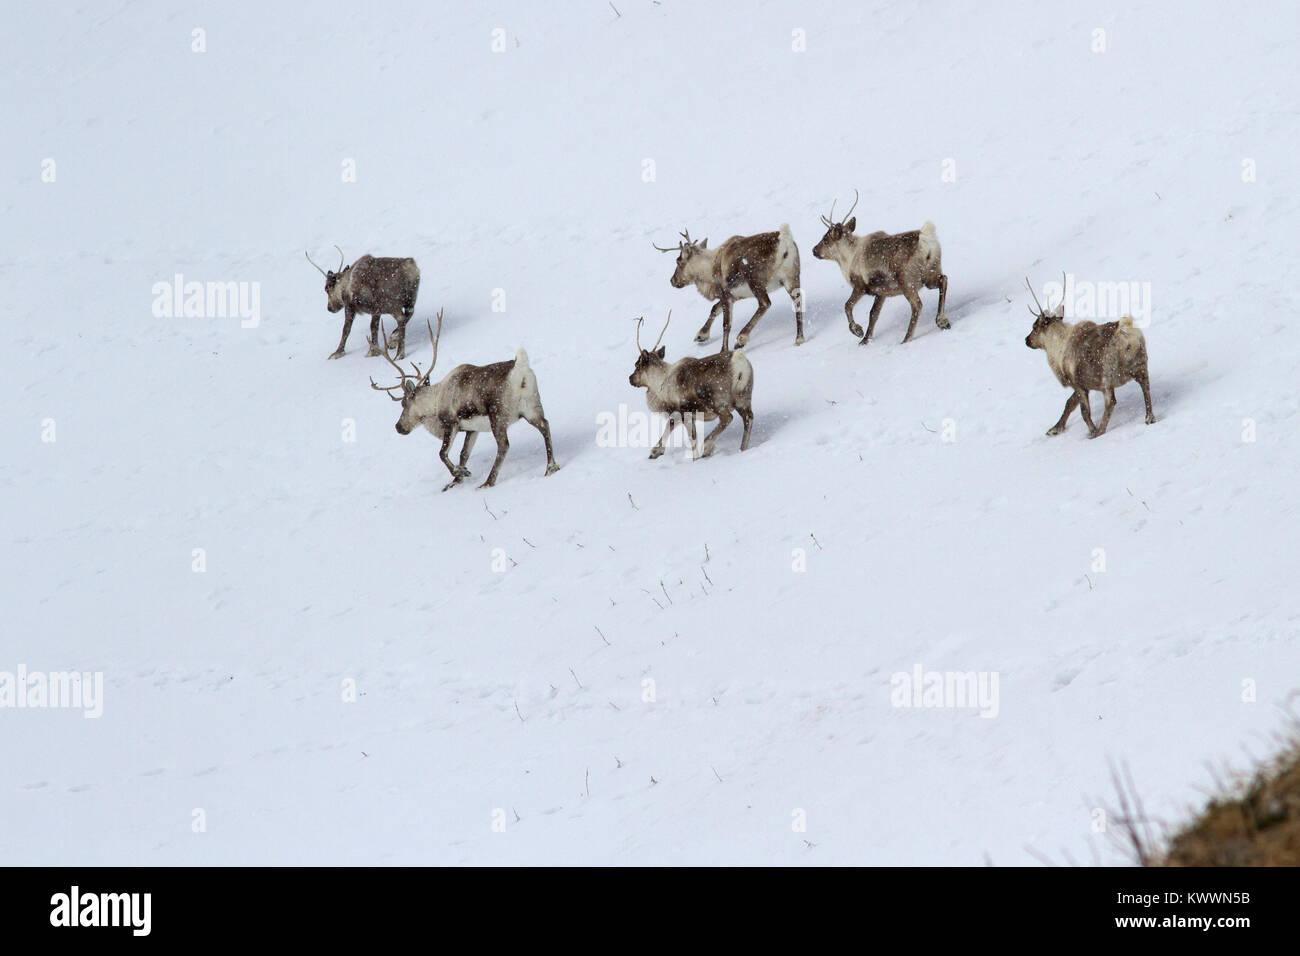 Troupeau d'Reindeerwalking le long de la pente d'une colline couverte de neige en hiver un jour Photo Stock